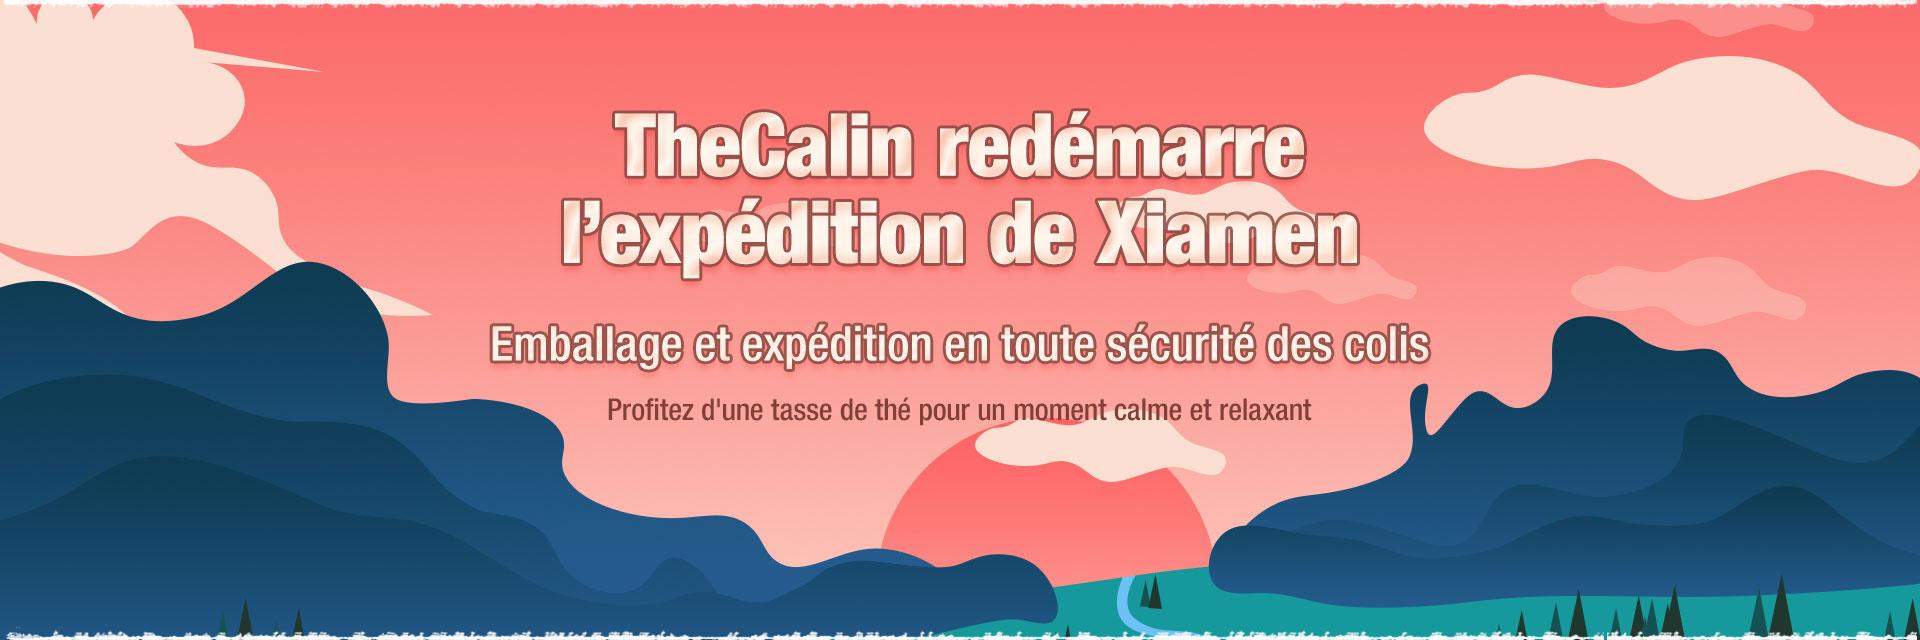 Thecalin redémarre l'expédition de Xiamen